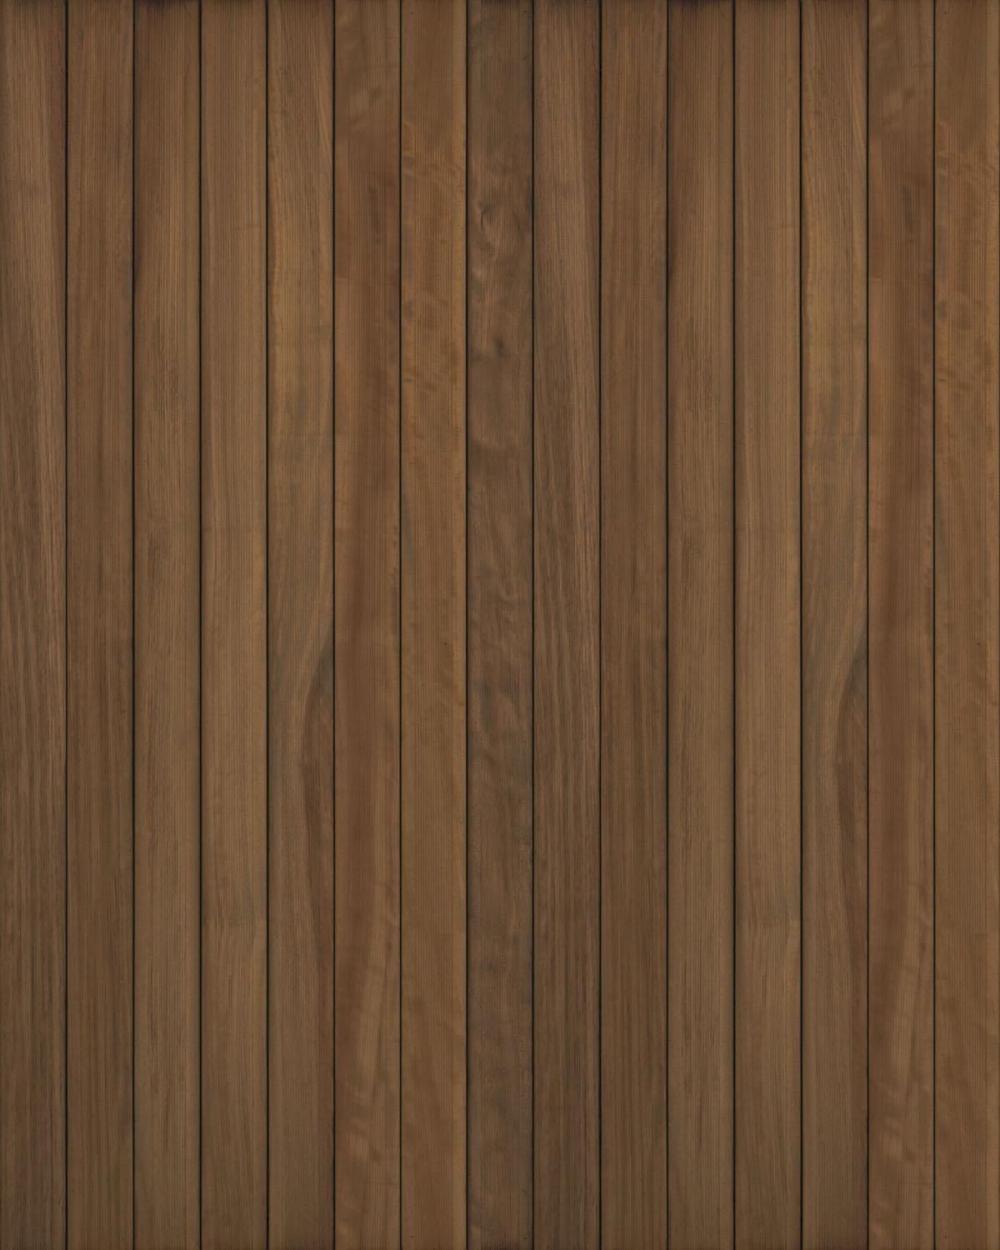 Wood Door Texture Seamless Decorating Ideas 12358 Door